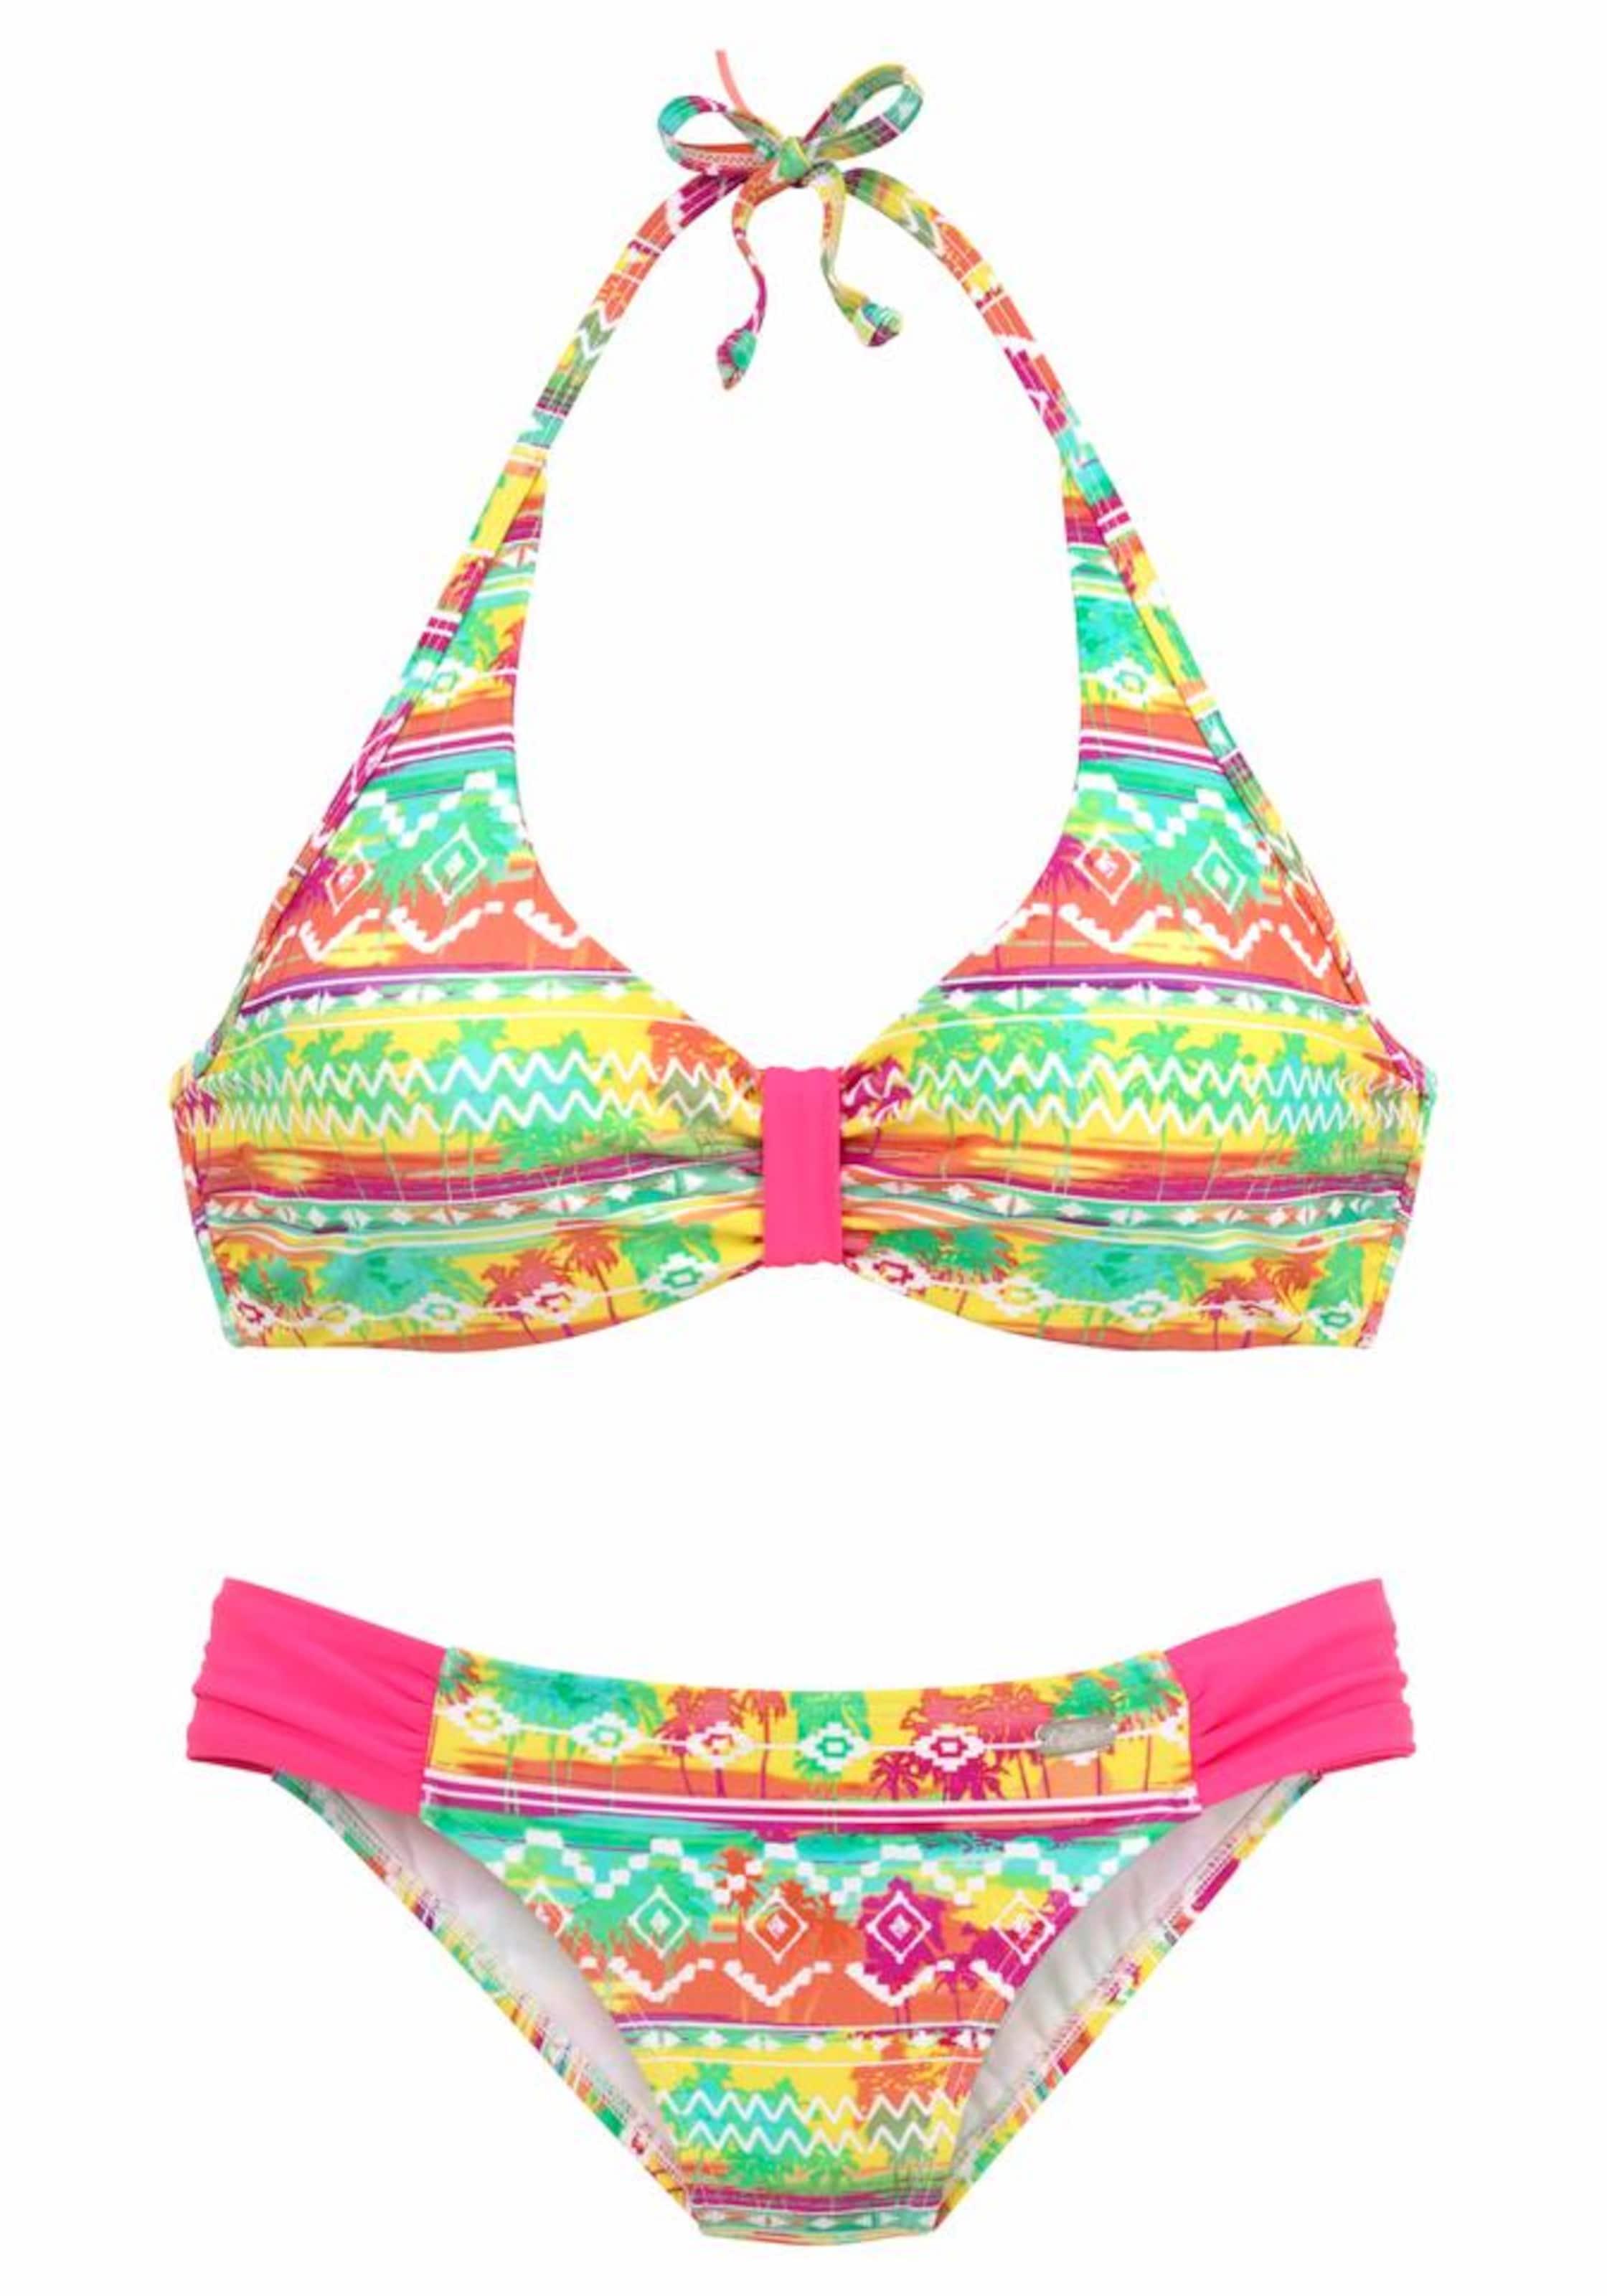 Mischfarben Mischfarben bikini In In Bügel Buffalo Bügel Buffalo Bügel bikini Buffalo bikini q5Ac3L4Rj